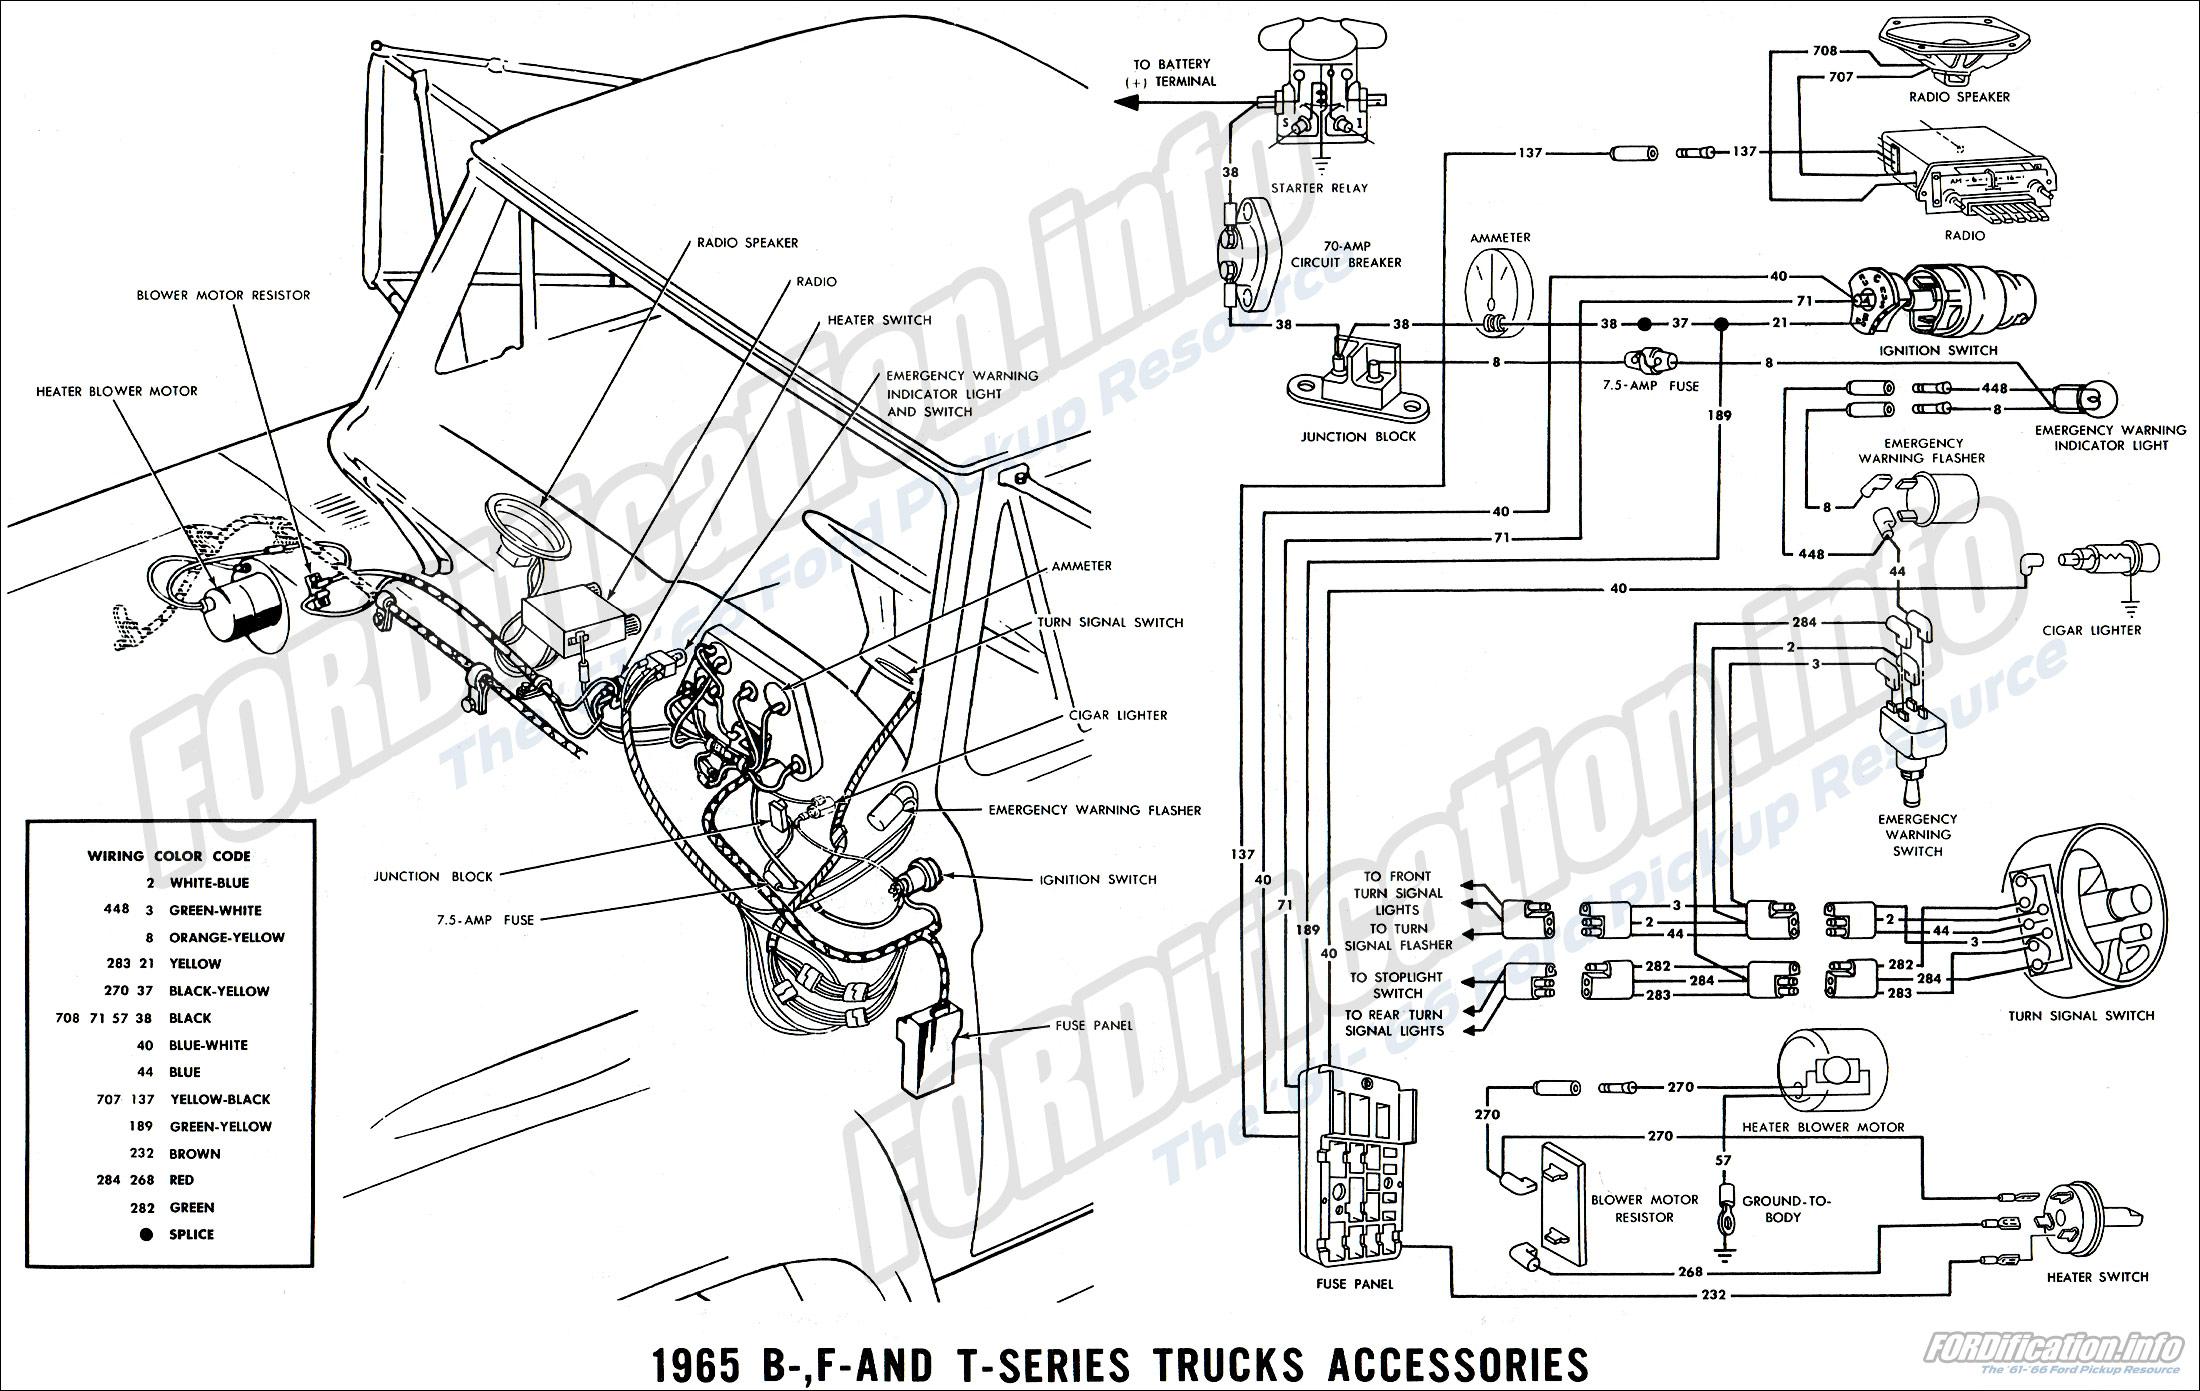 65 Ford F100 Wiring Diagram -Vonage Wiring Diagram | Begeboy Wiring Diagram  SourceBegeboy Wiring Diagram Source